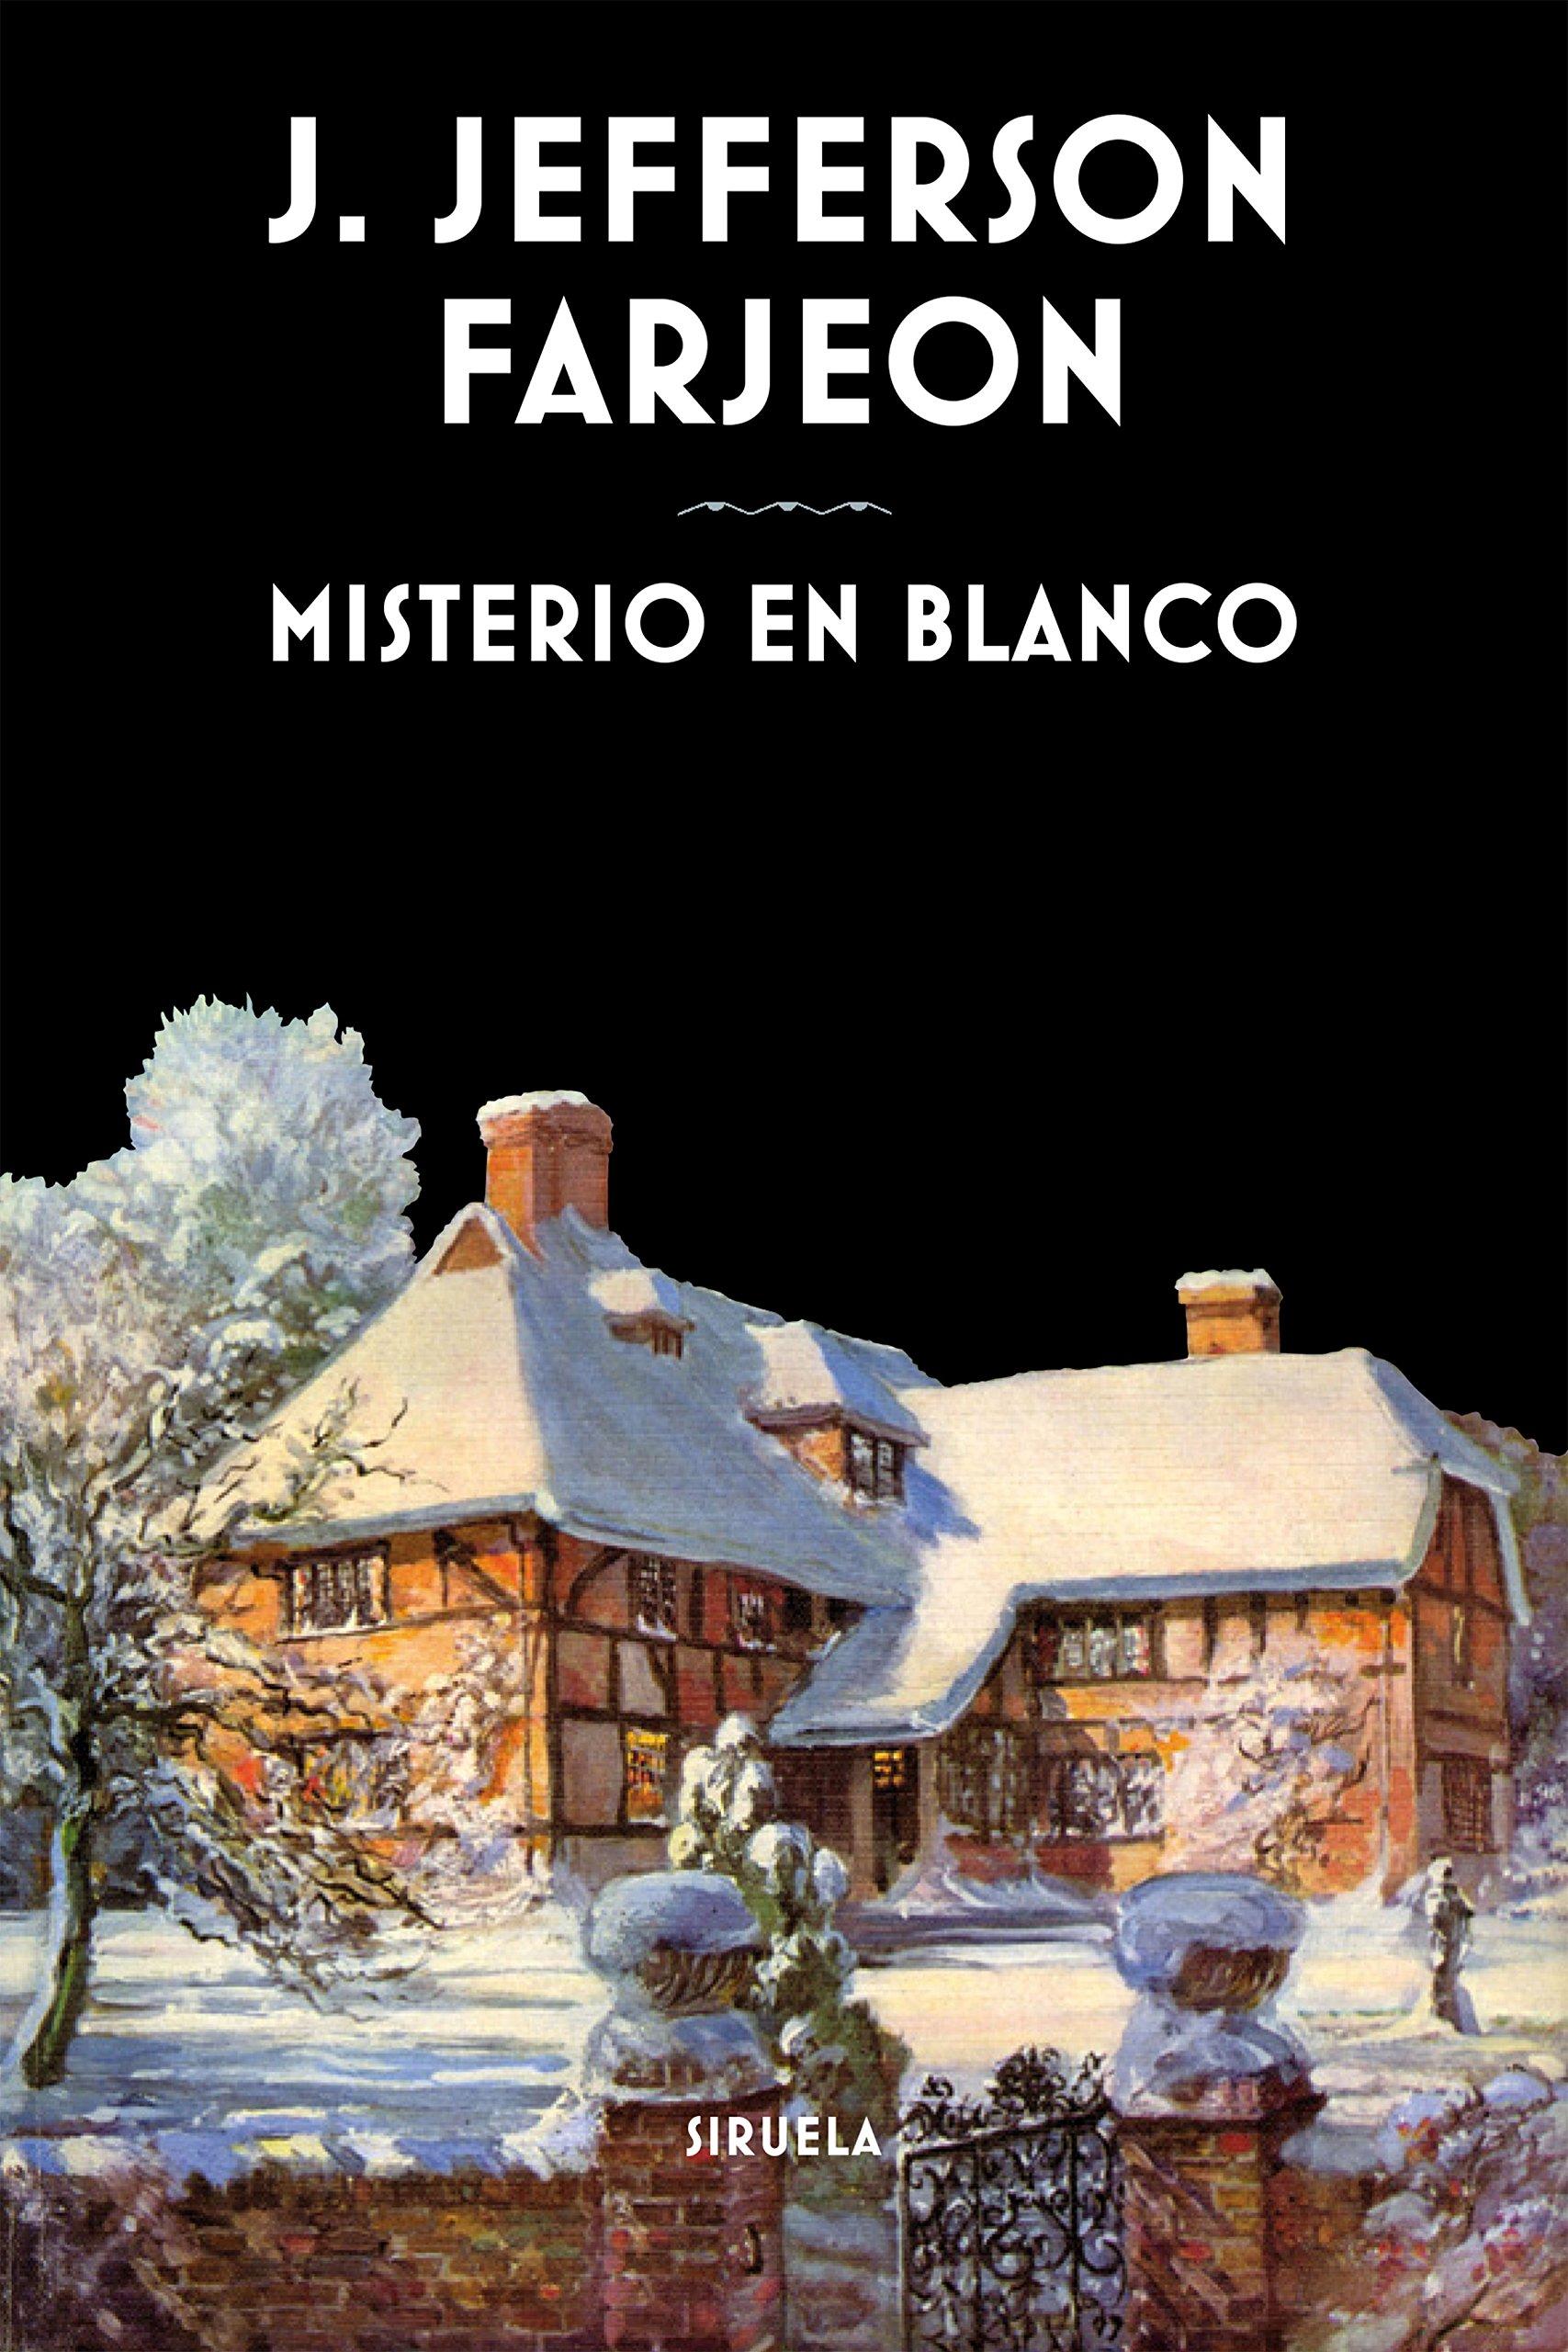 Misterio en blanco: 337 (Libros del Tiempo): Amazon.es: Farjeon, J. Jefferson, Palomas, Alejandro: Libros